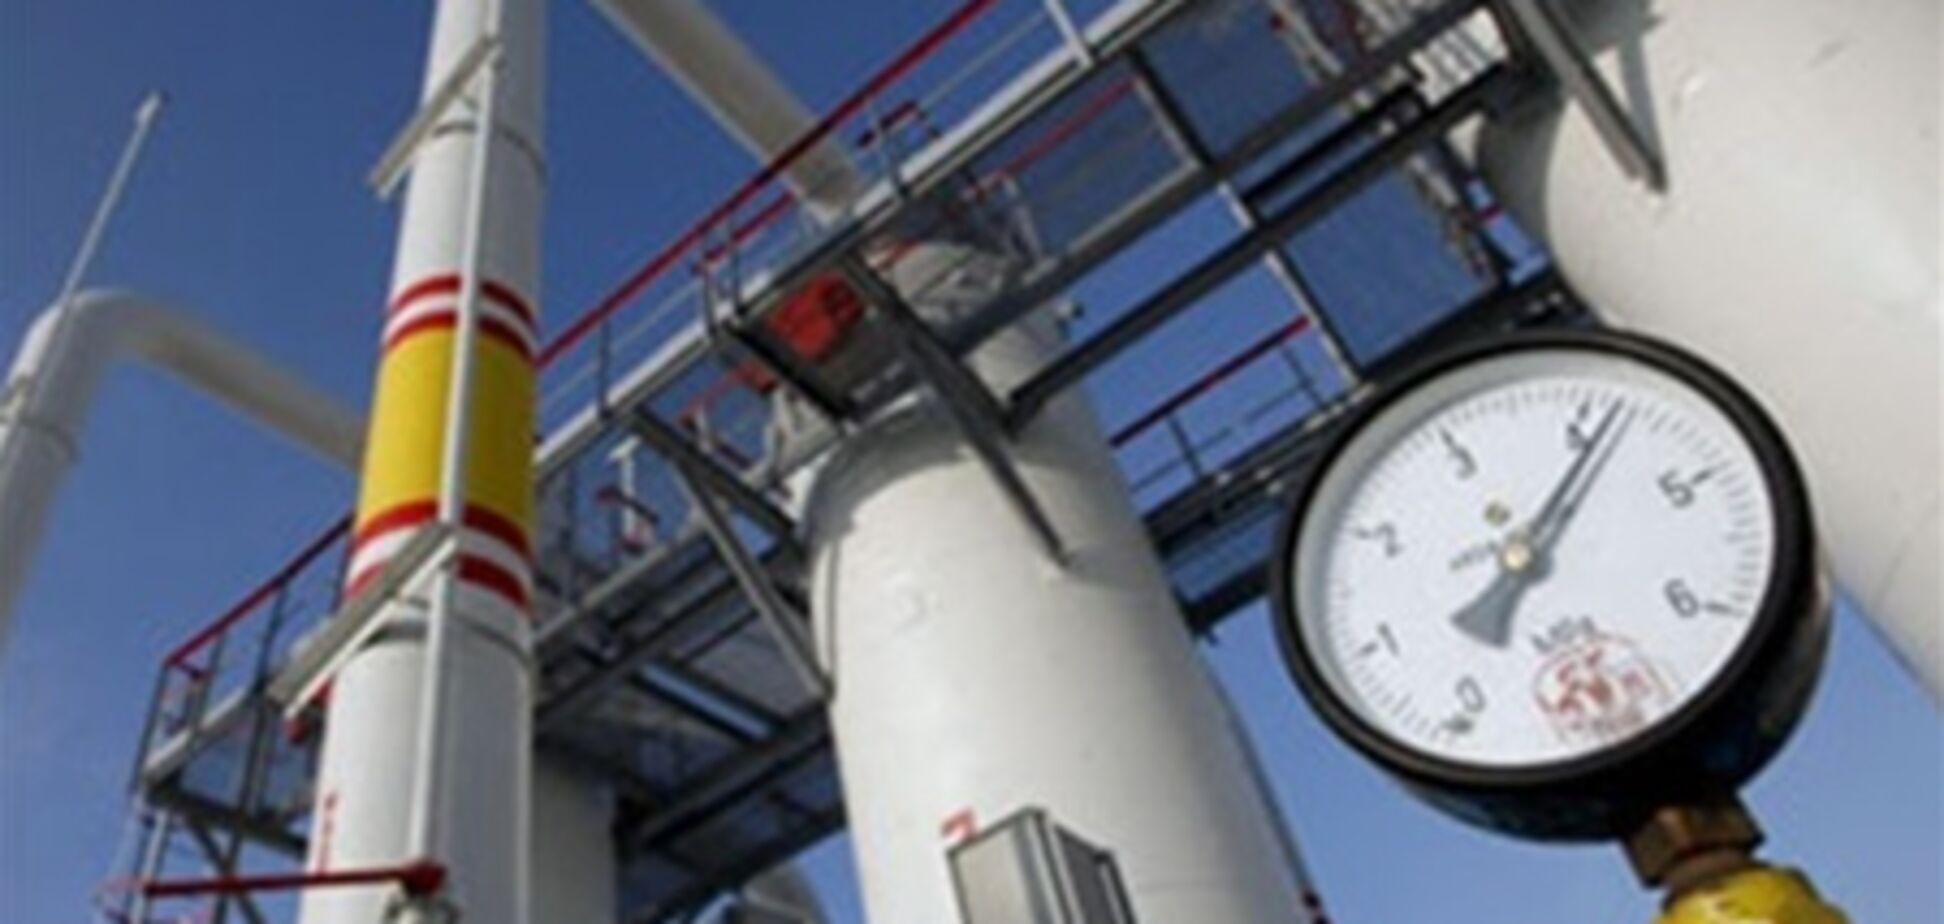 Бойко обіцяє, що Україна скоротить закупівлі російського газу